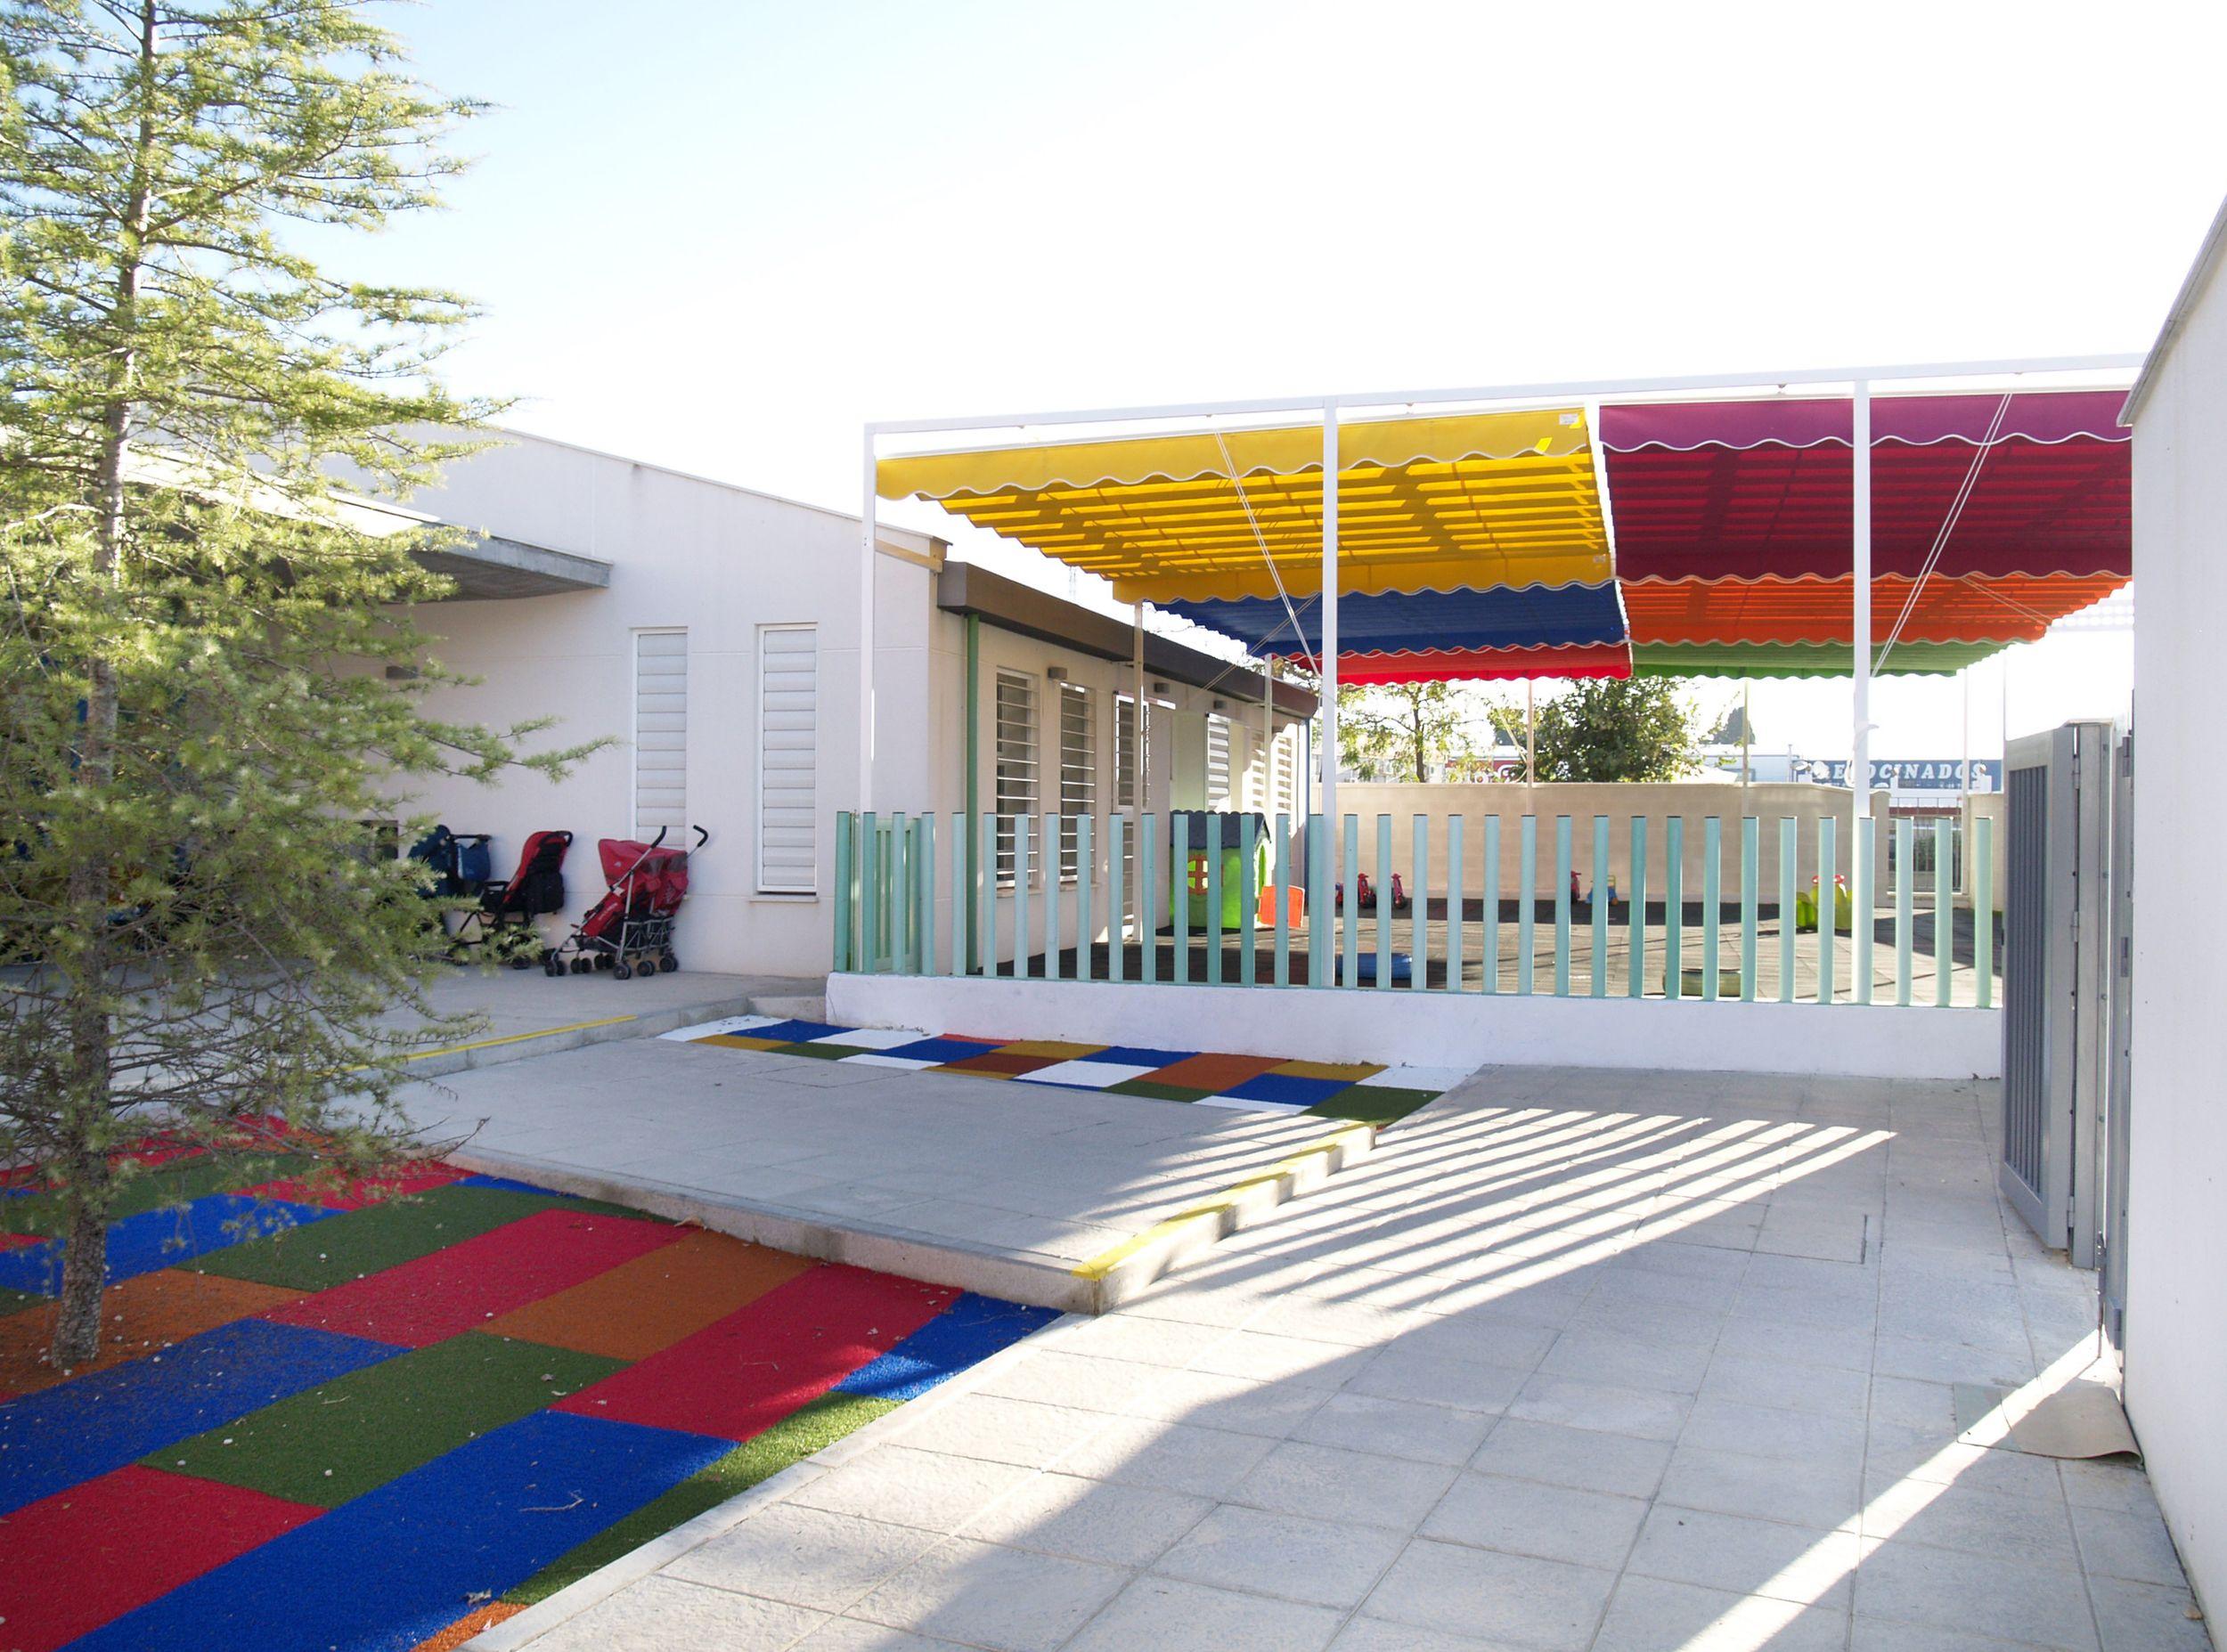 Proyectos educativos en Valencina de la Concepción